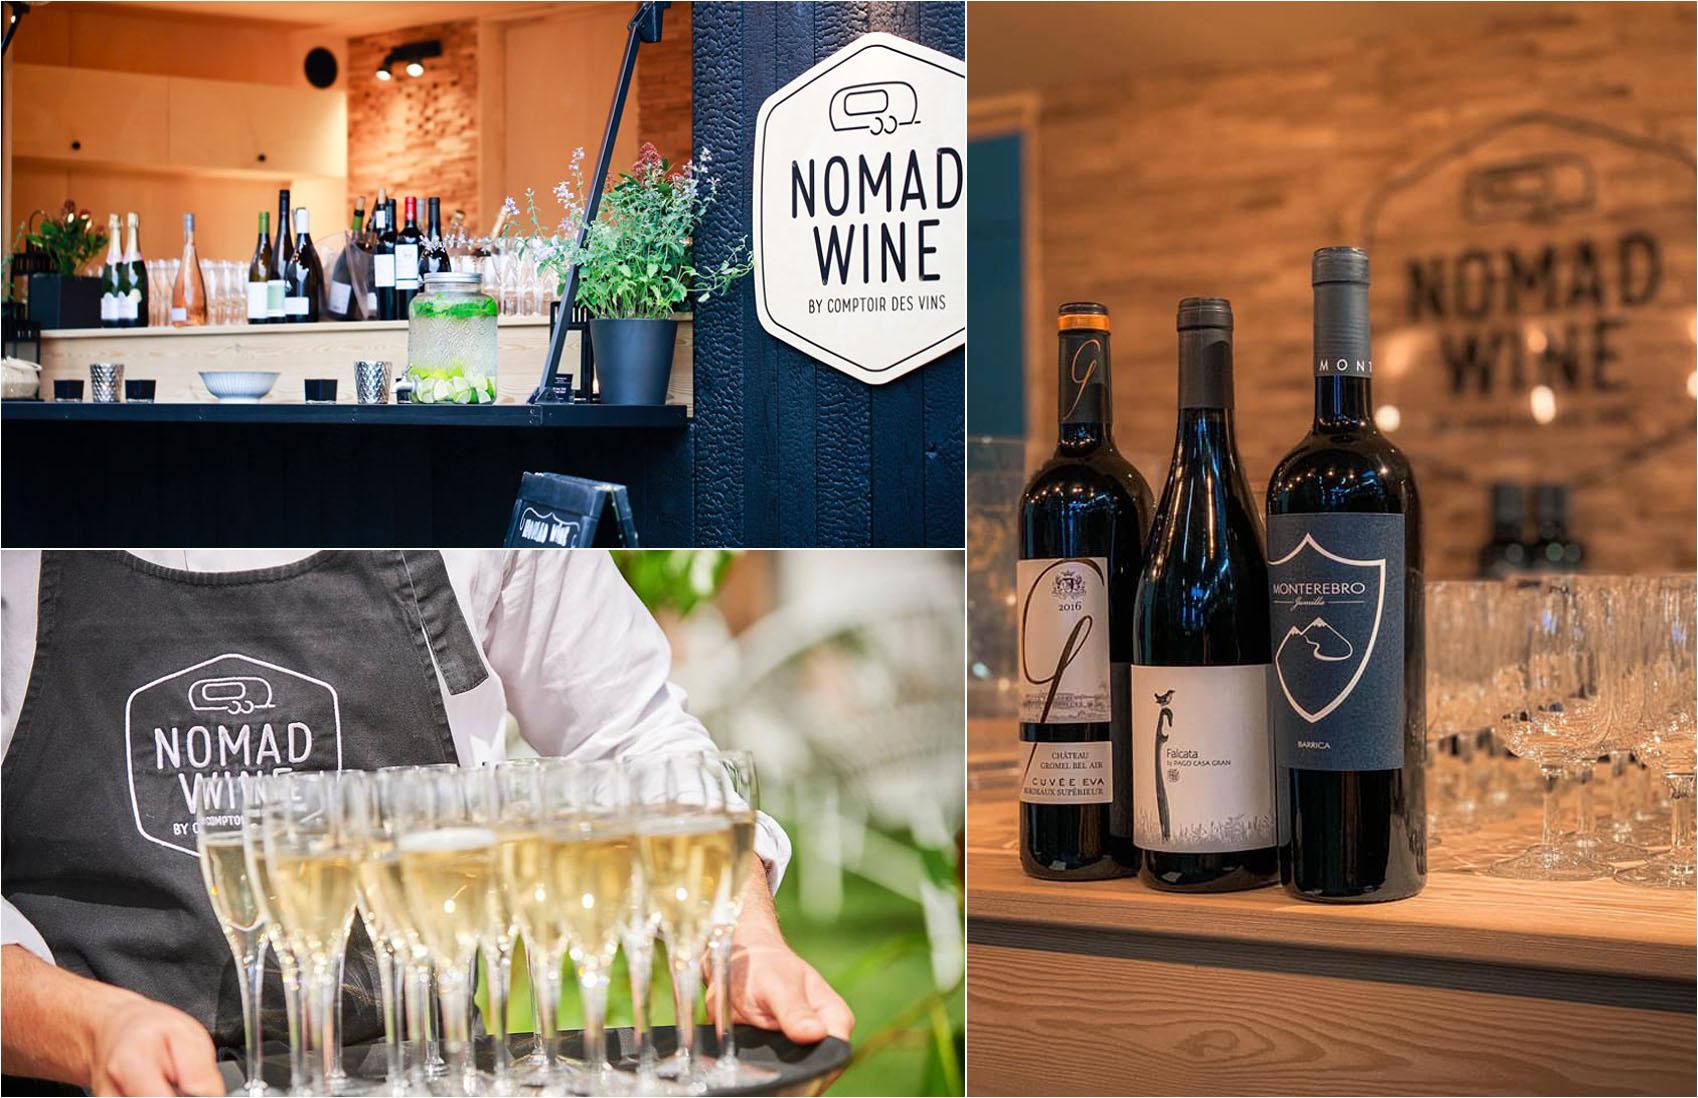 kwakoo-event-publication-news-nomad-wine